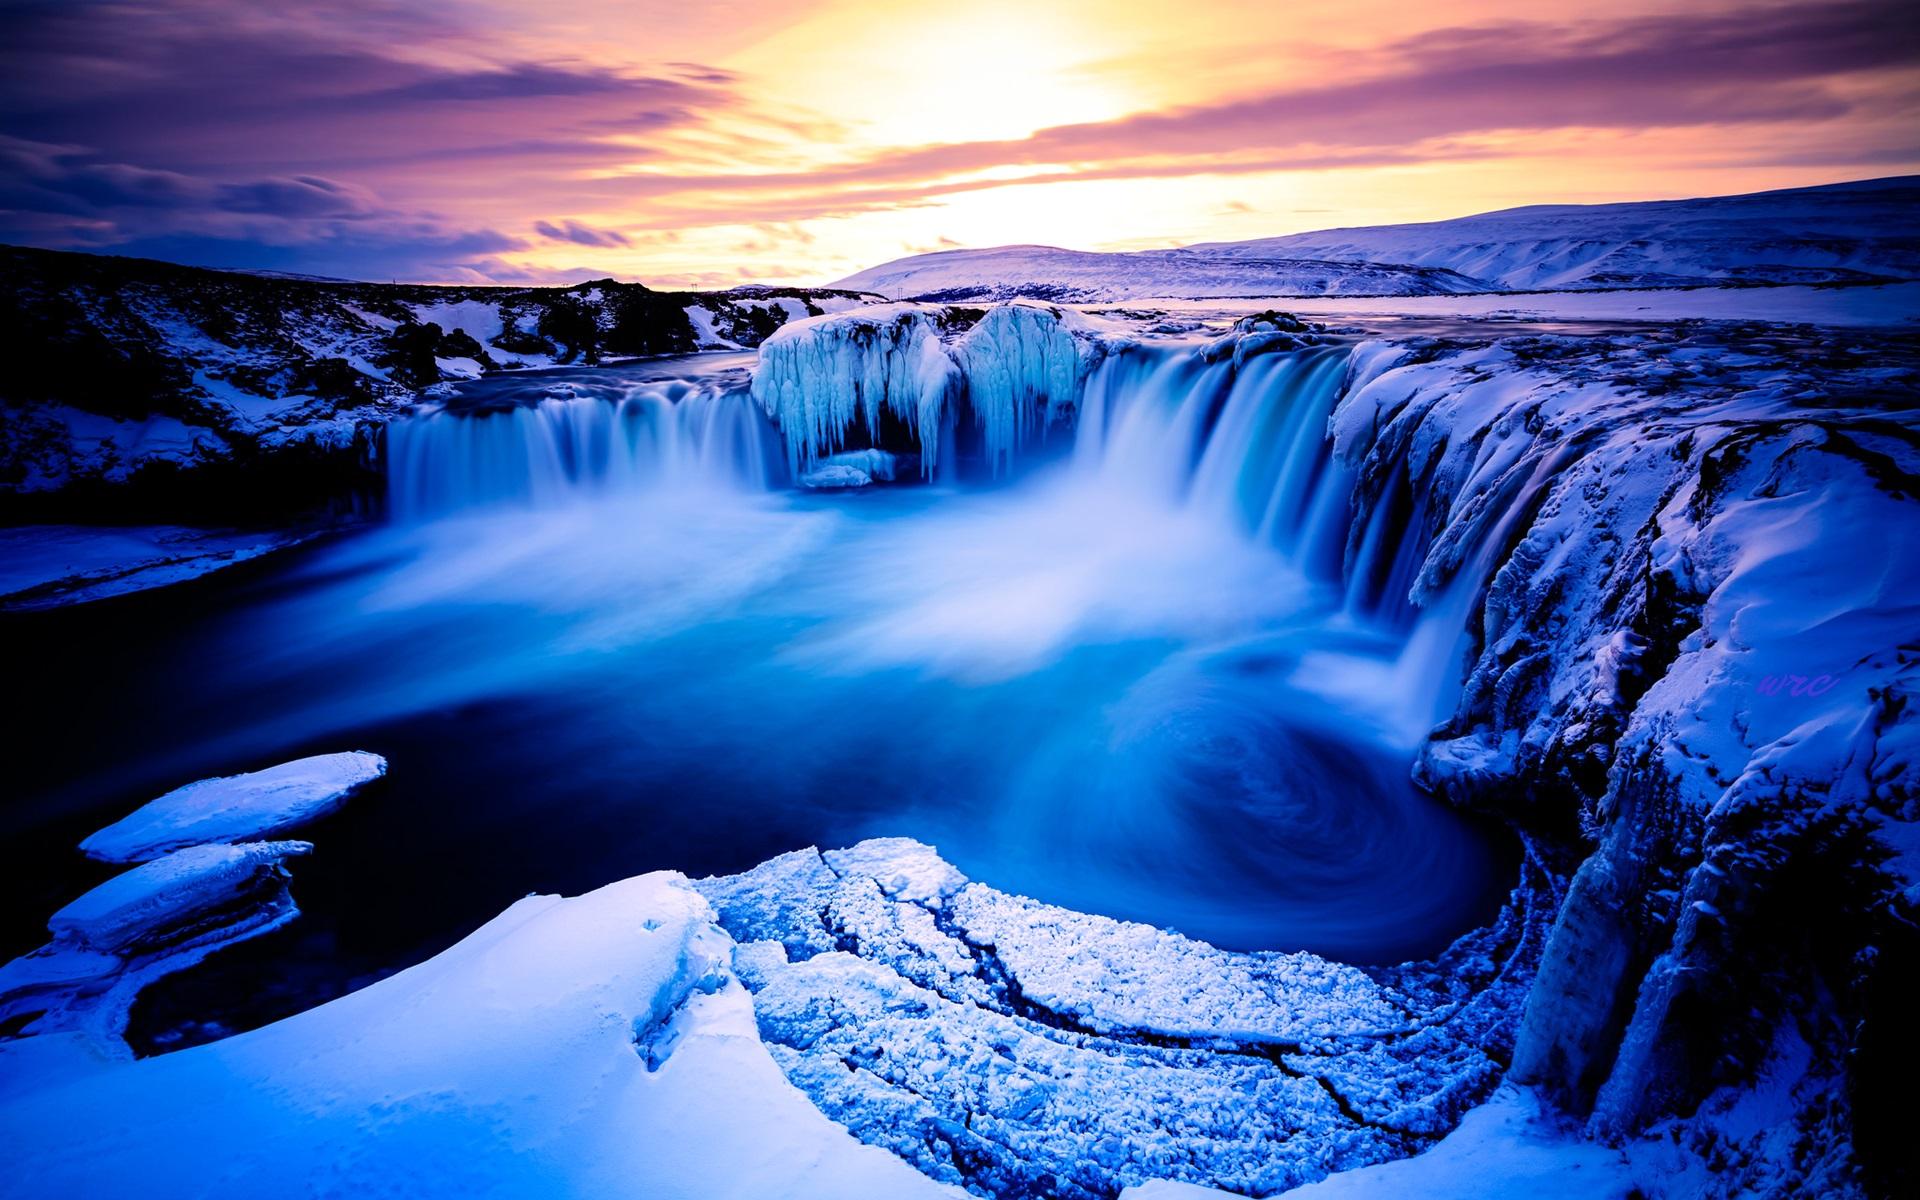 Fondo De Pantalla Paisaje Montañas Nevada: Fondos De Pantalla Hermoso Paisaje, Invierno, Nieve